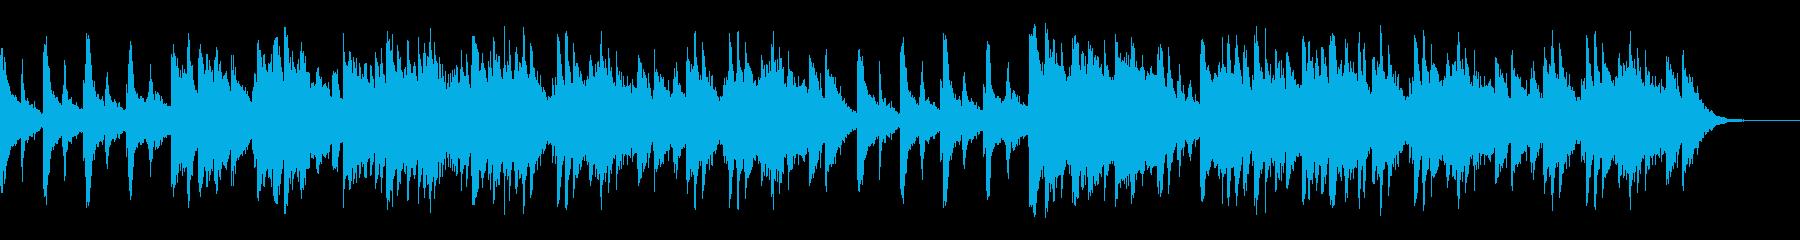 ささやかなピアノの再生済みの波形